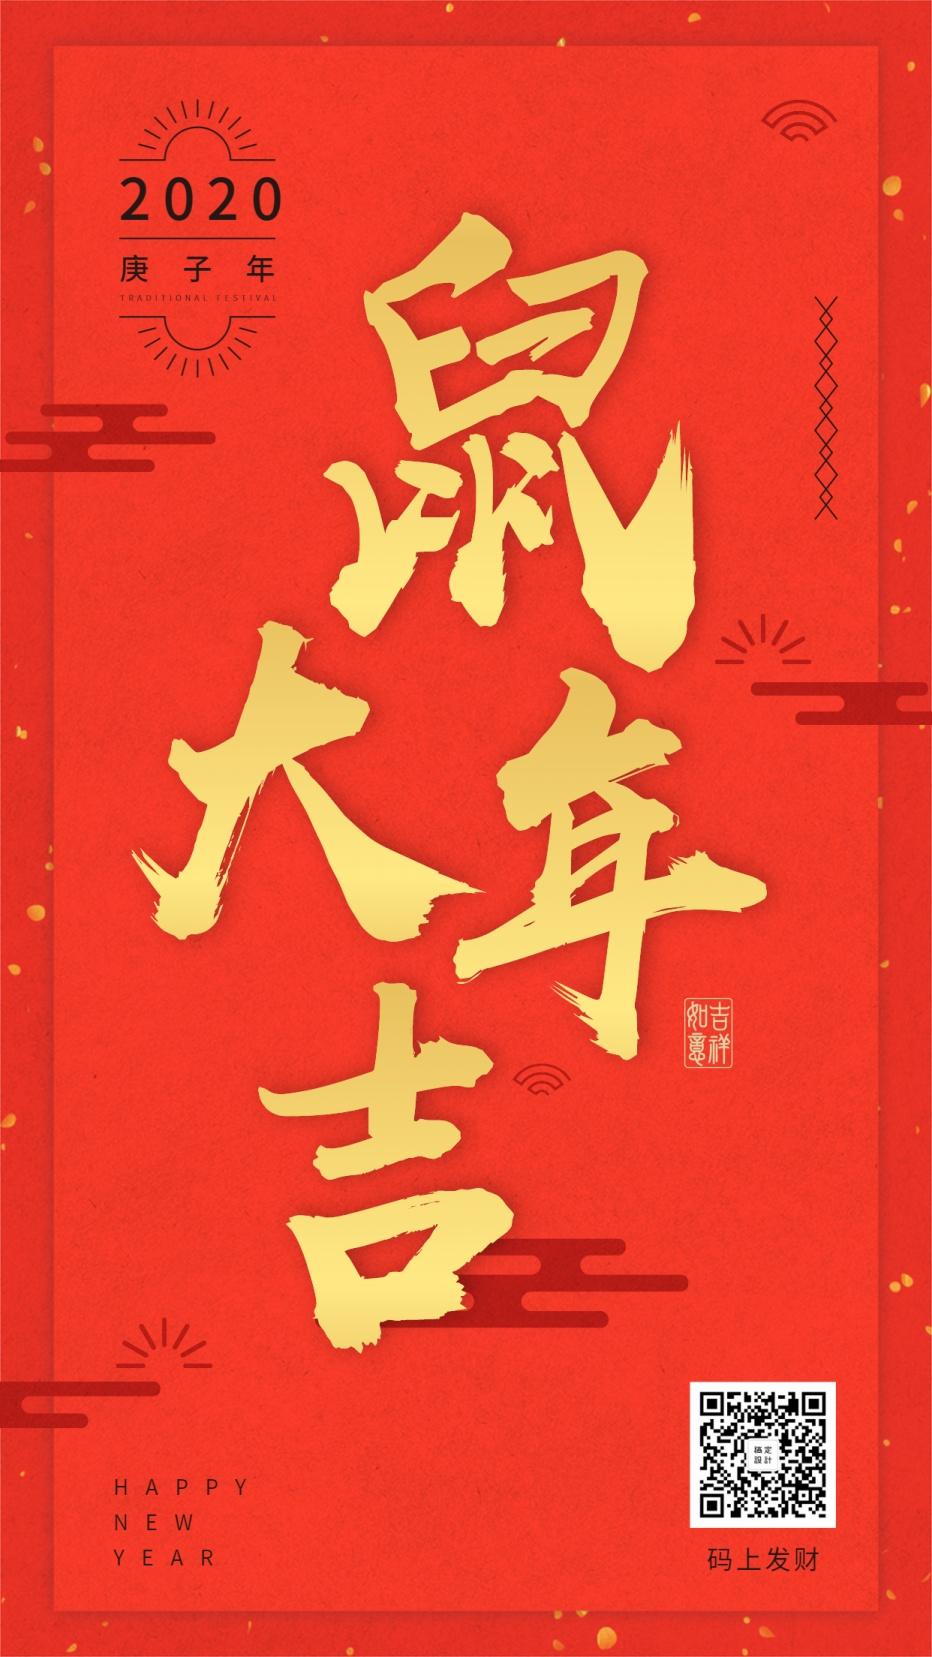 喜庆鼠年大吉春节祝福手机海报